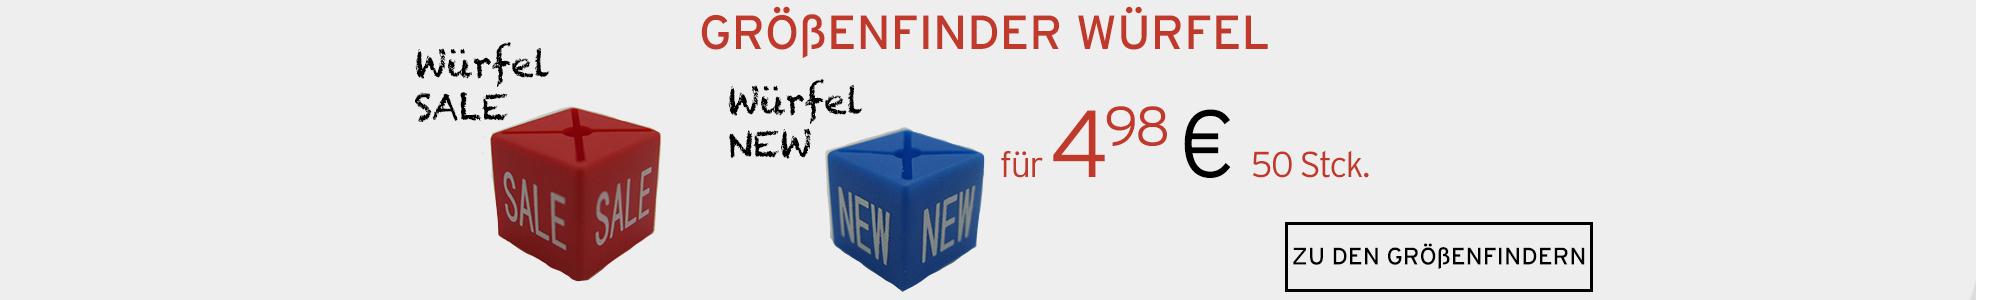 Größenfinder Würfel SALE und NEW